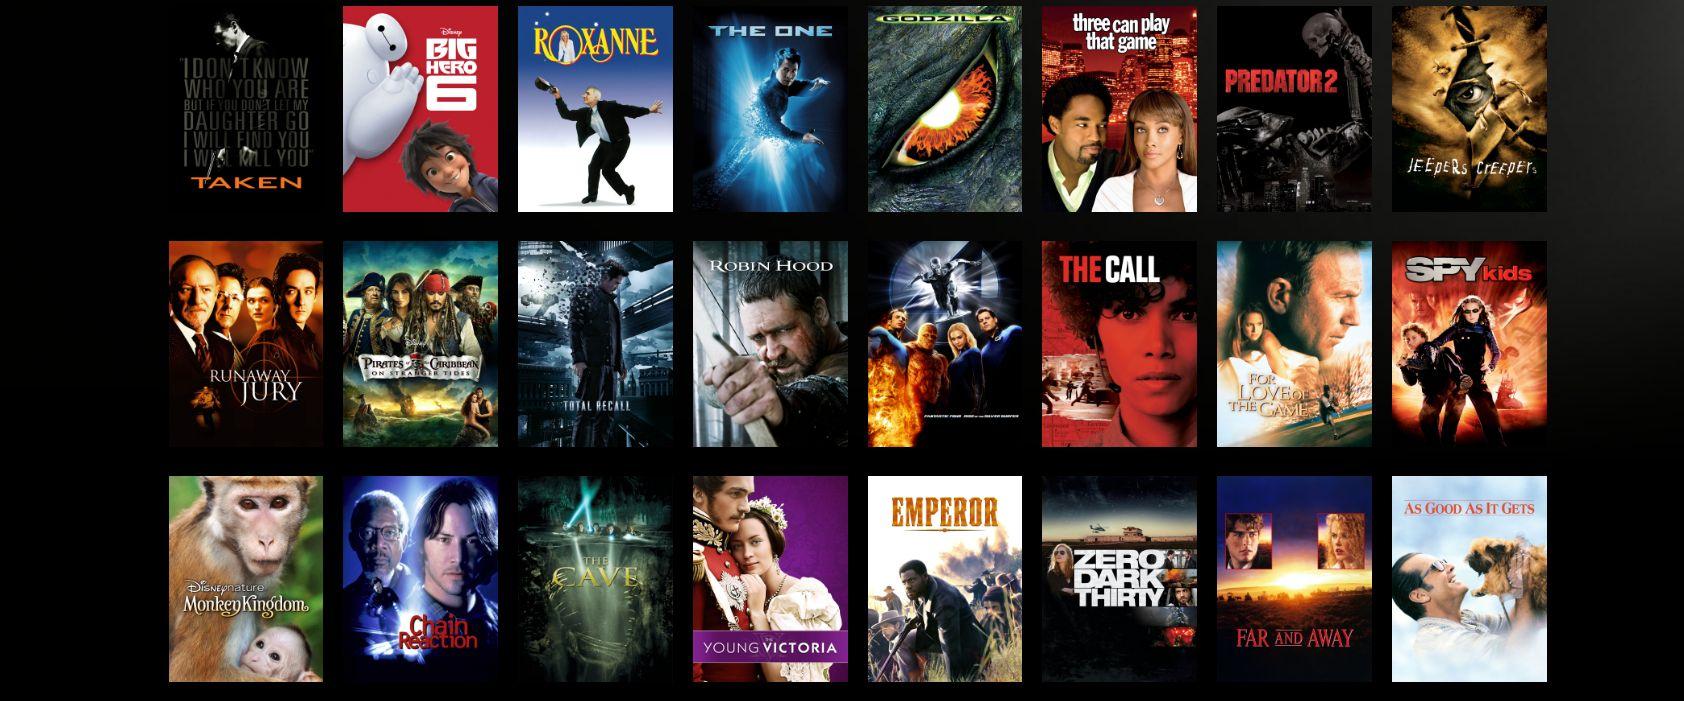 starz movie trending